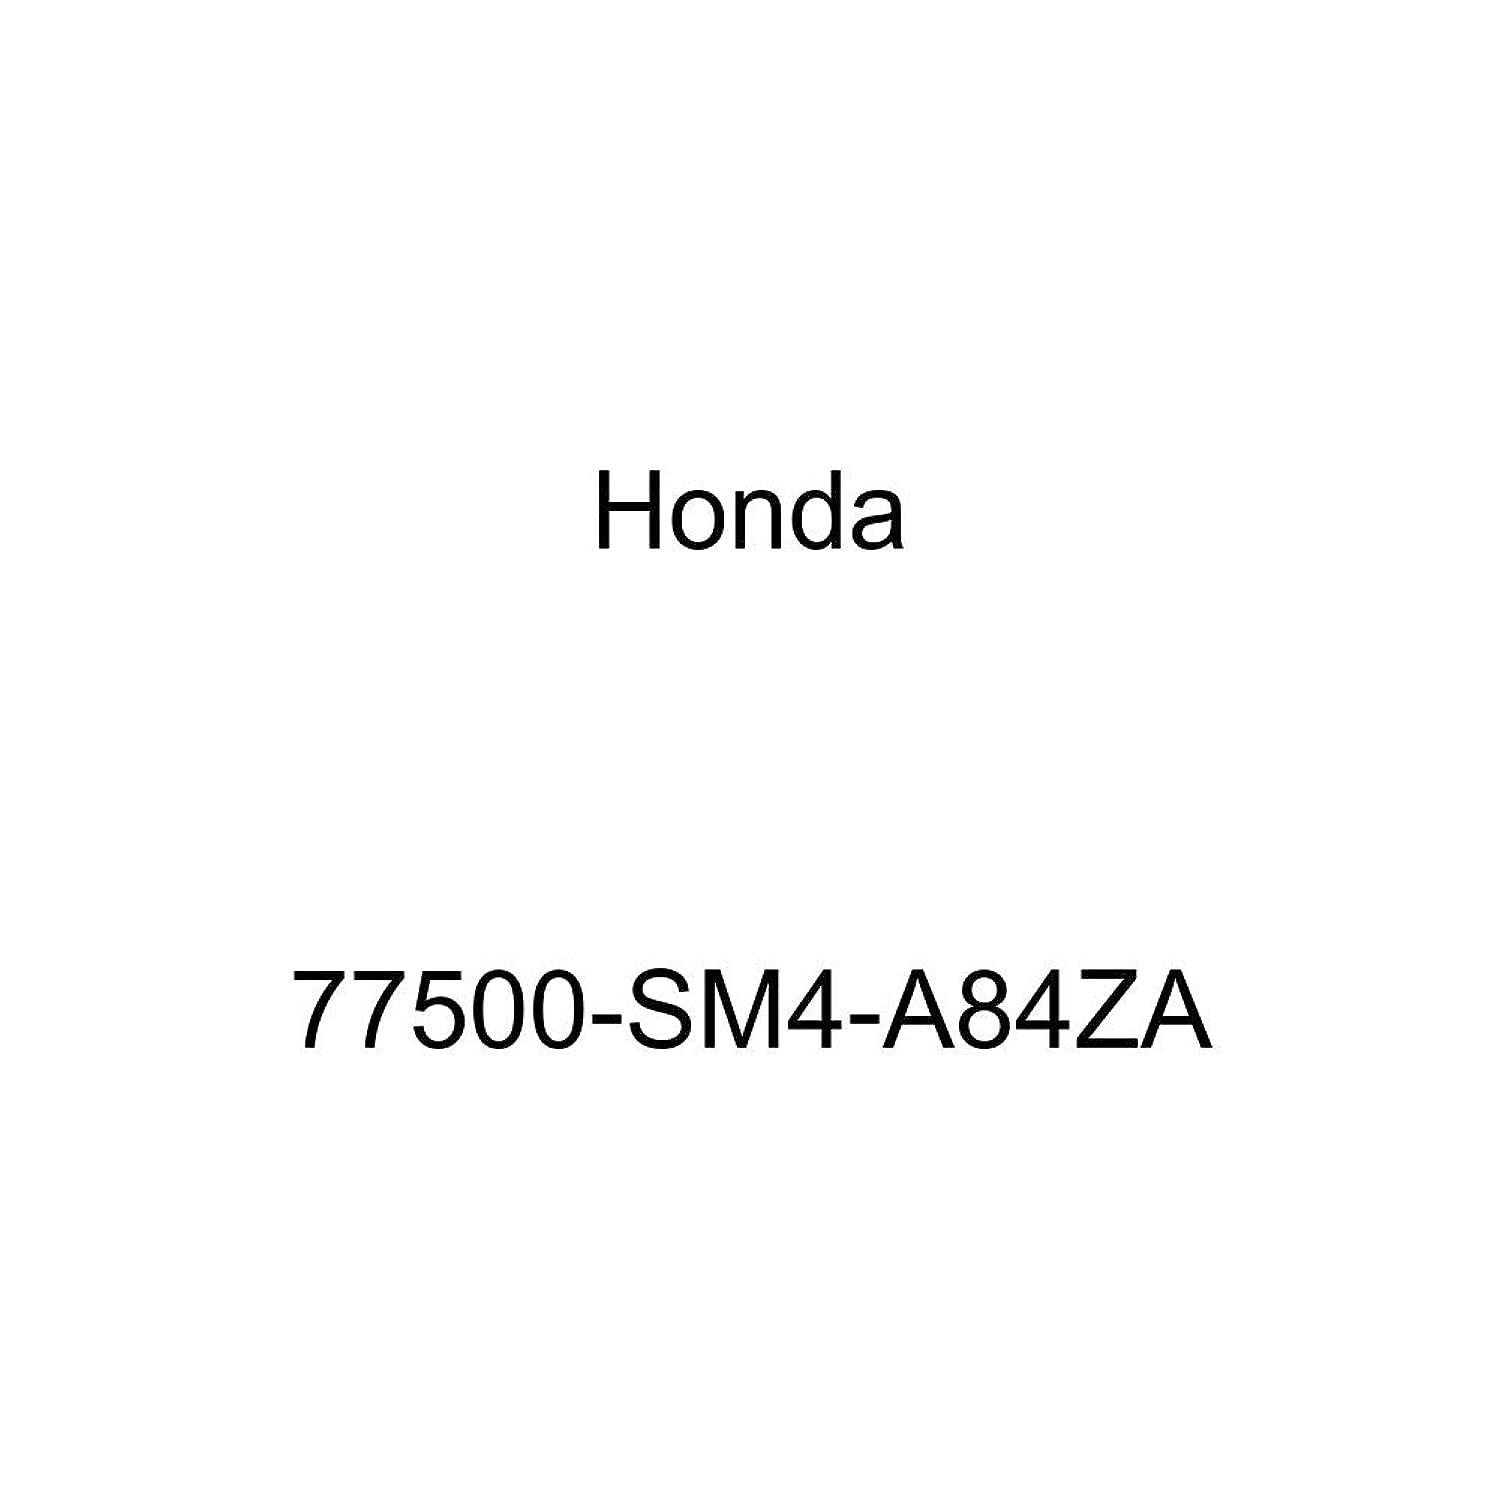 Honda Genuine 77500-SM4-A84ZA Glove Box Assembly, Graphite Black